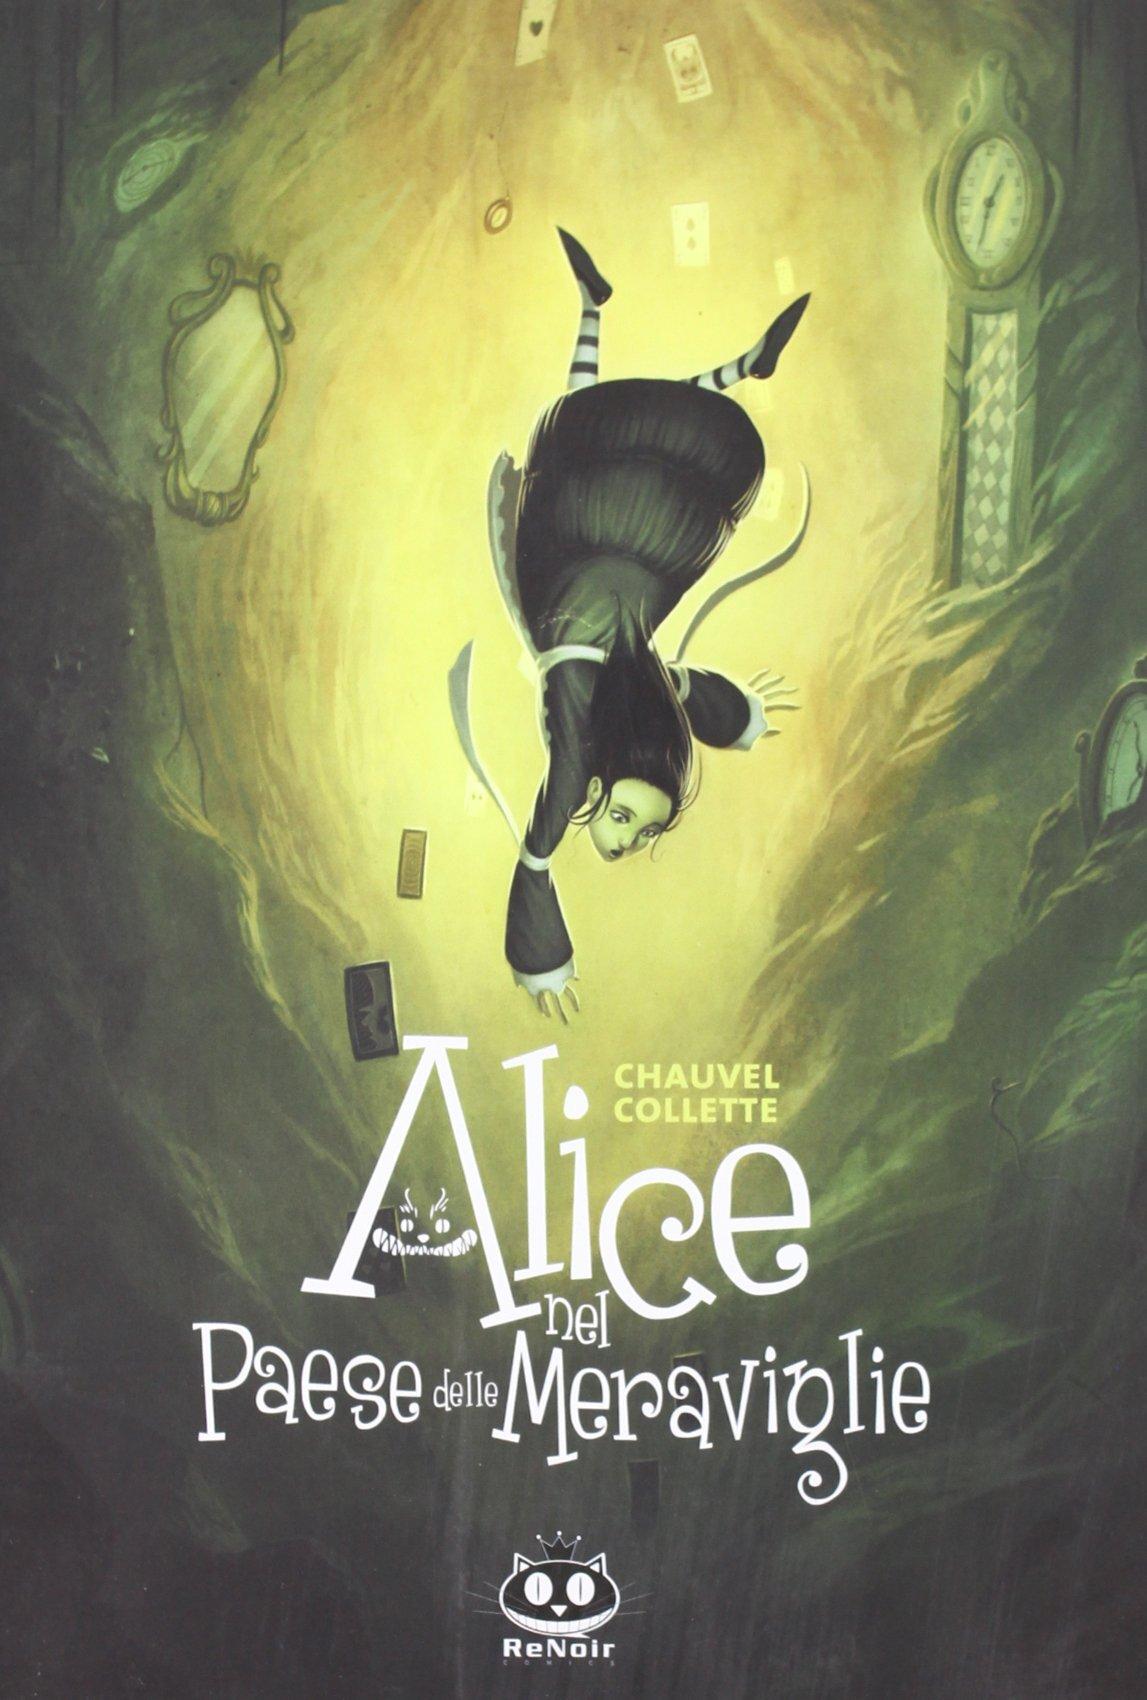 La versione di Alice di David Chauvel e Xavier Collette ha un tocco dark che ben si adatta alla storia originale. Un'opera che vale sempre la pena di leggere e rileggere. -